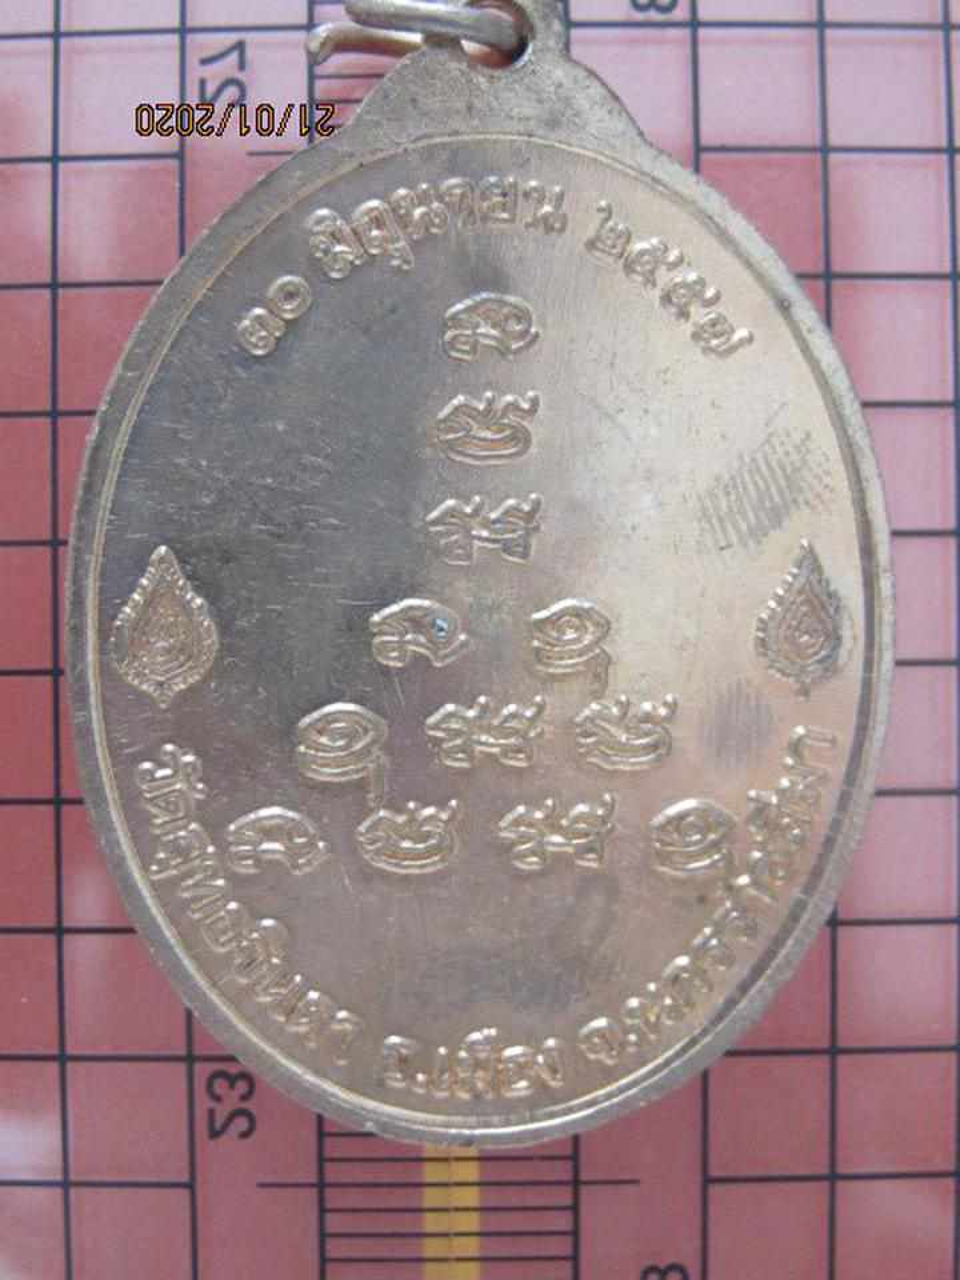 603 เหรียญแซยิด90ปีหลวงพ่อ ใหญ่ วัดสุทธจินดา ปี 2557 โคราช  รูปที่ 1